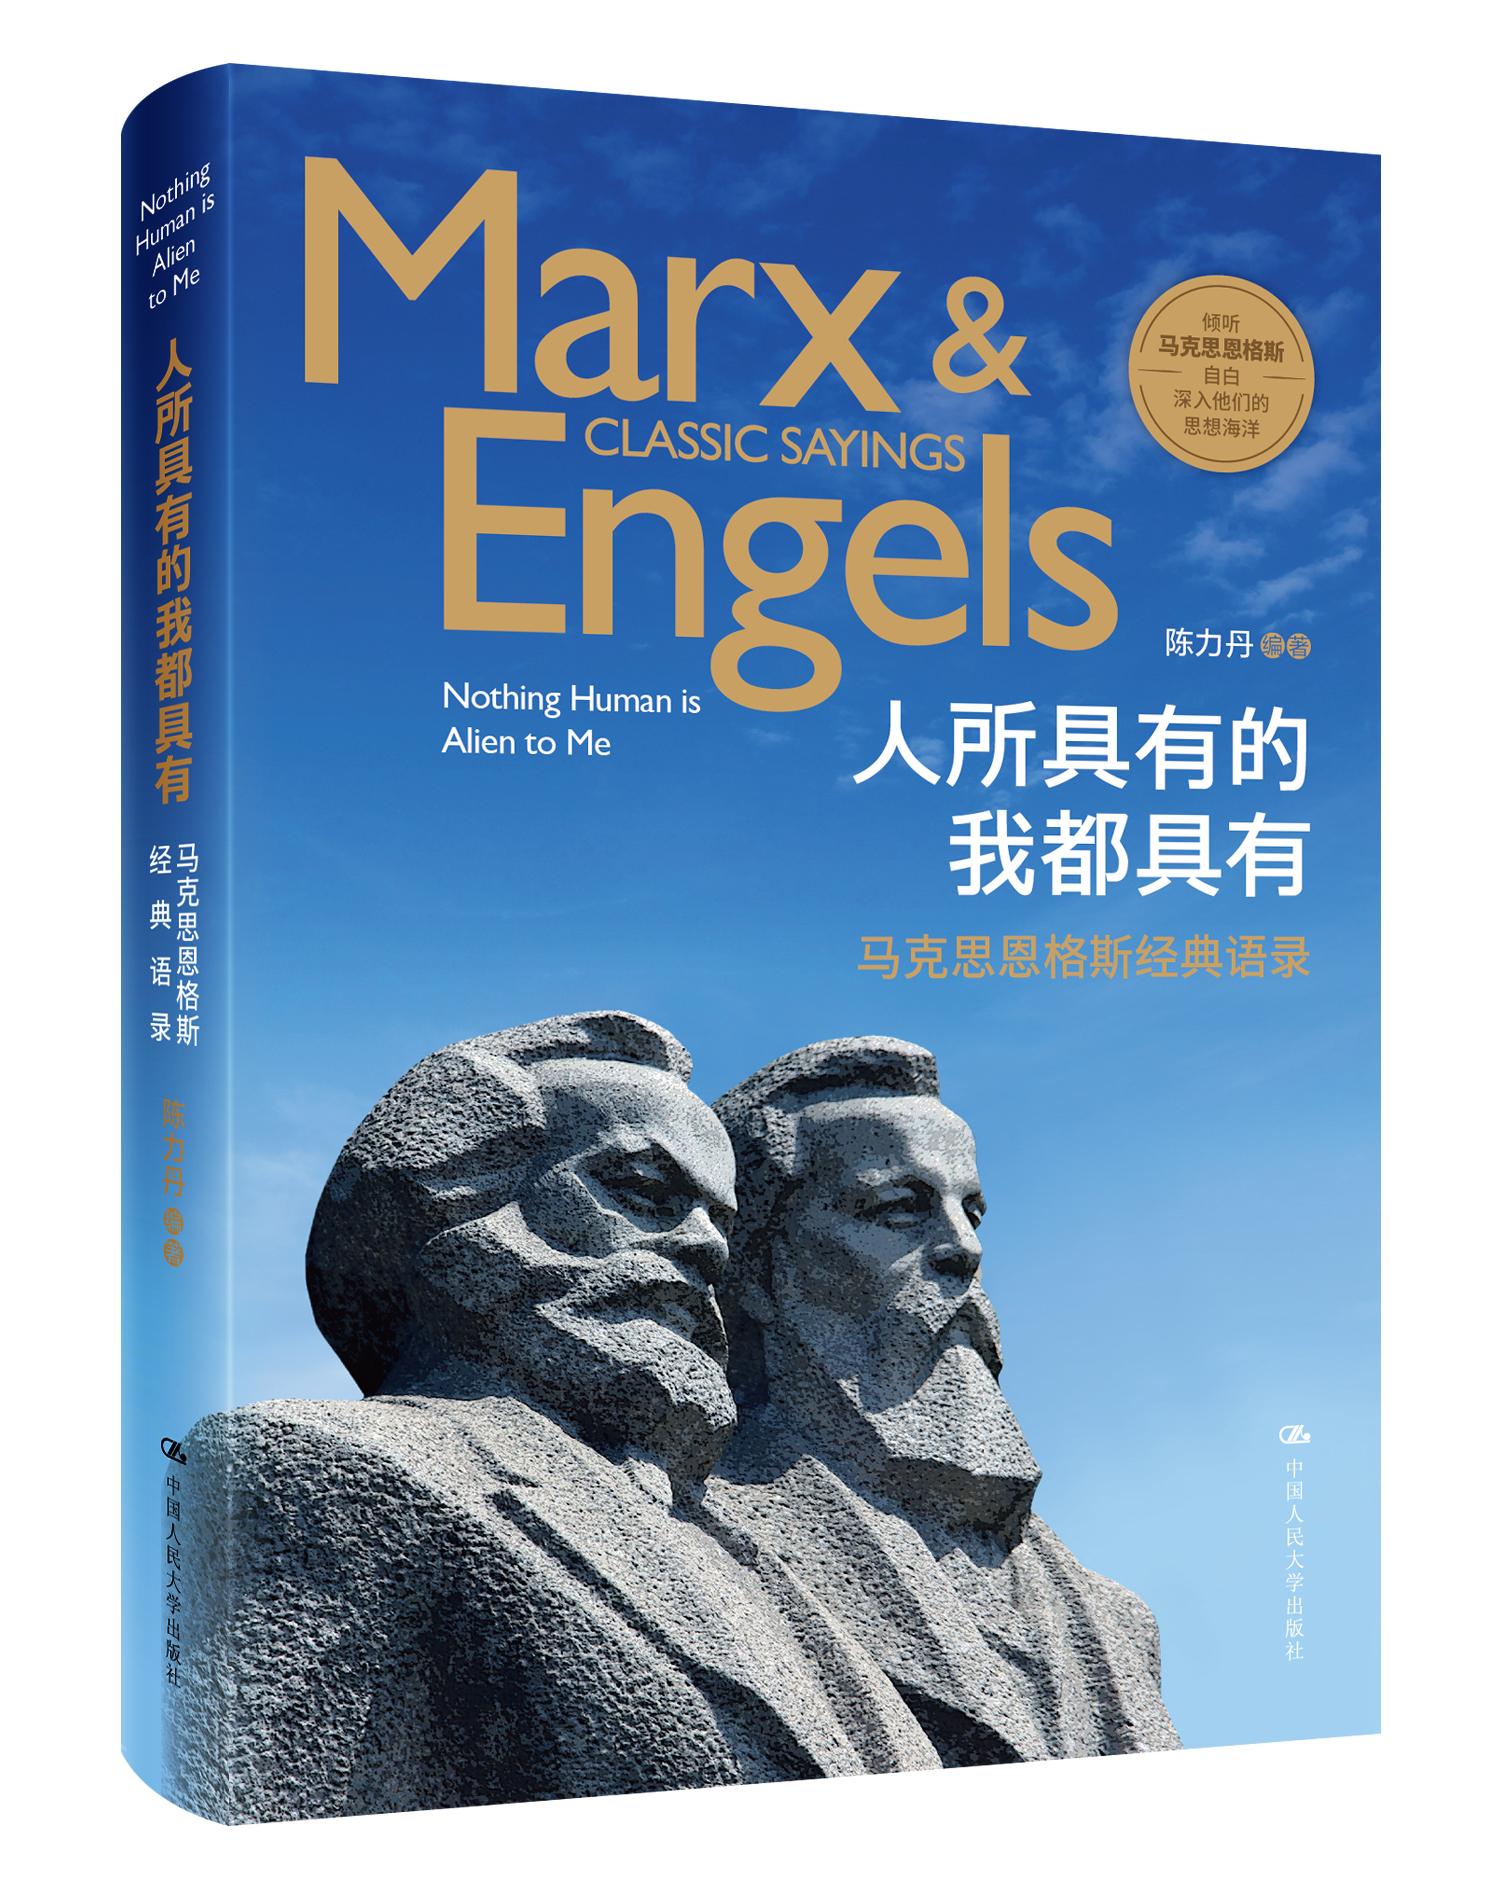 《马克思恩格斯经典语录》由人大出版社出版